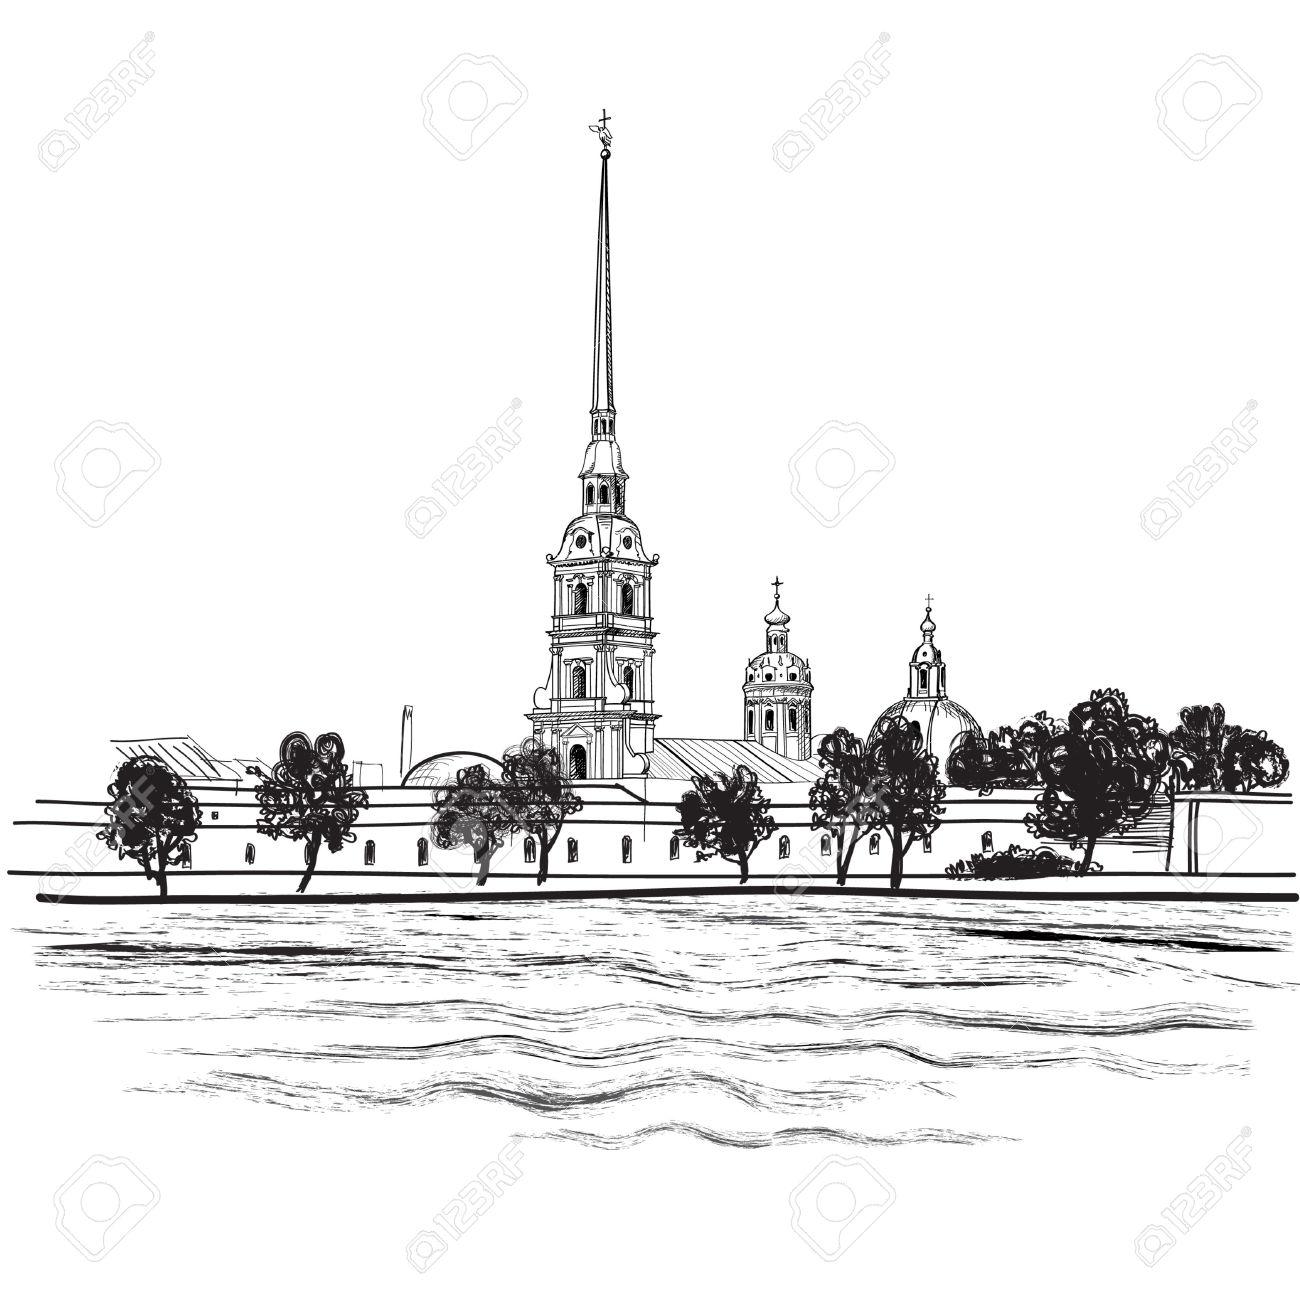 Petersburg clipart.